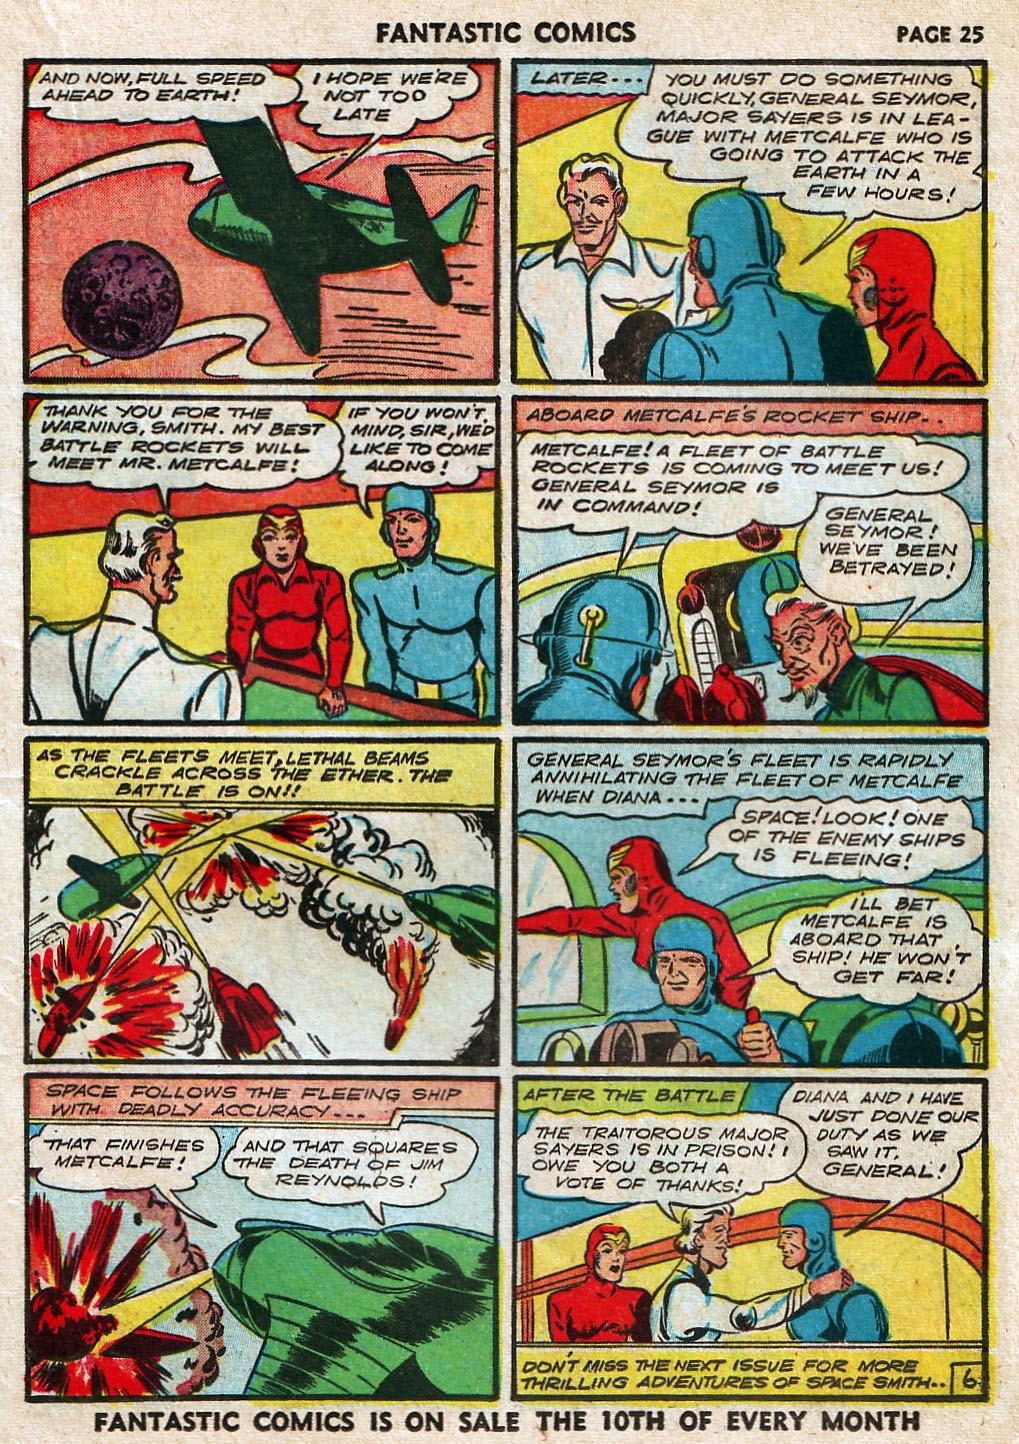 Read online Fantastic Comics comic -  Issue #17 - 27